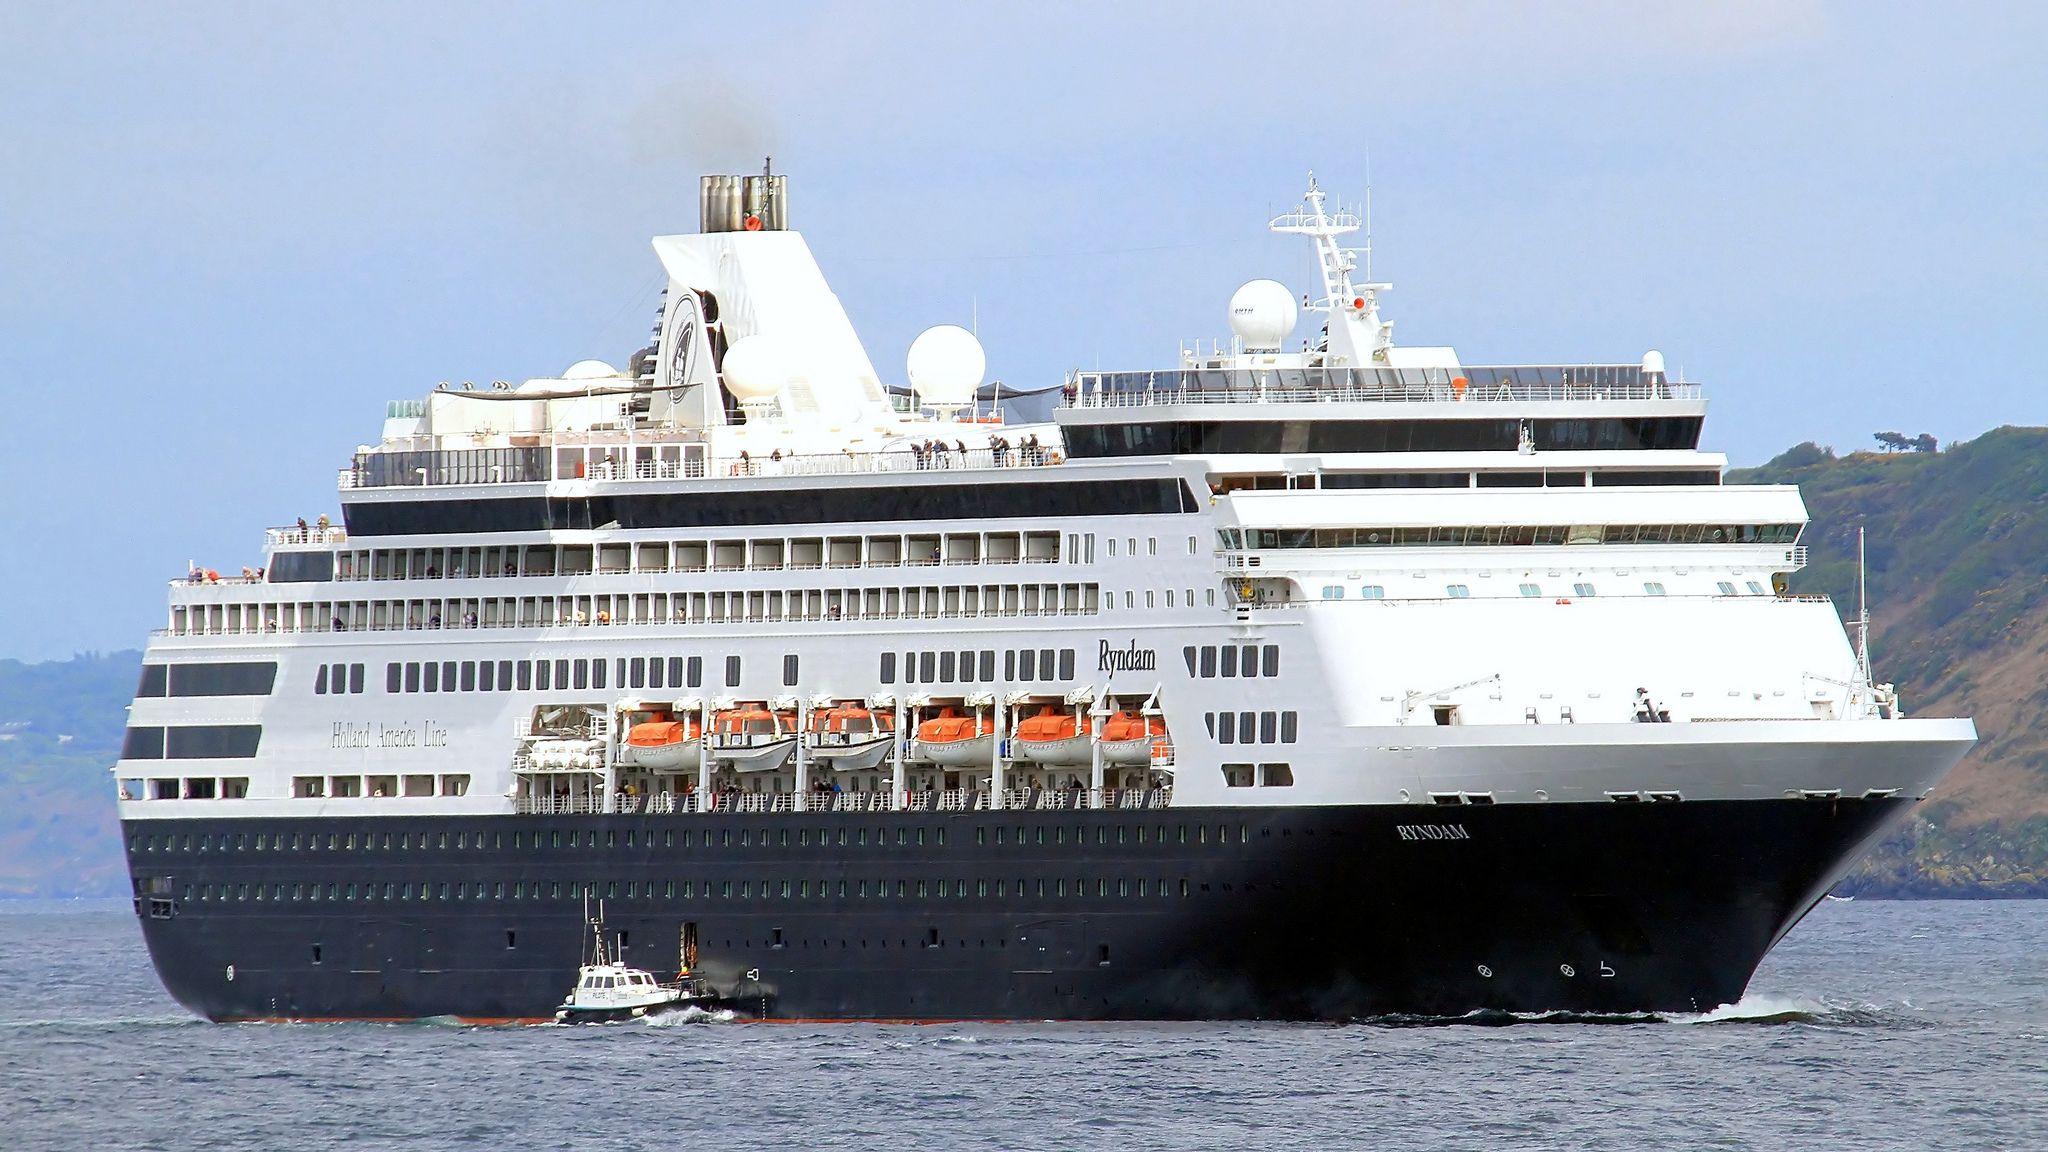 Ryndam Vasco Da Gama Cruise Ship Cruise